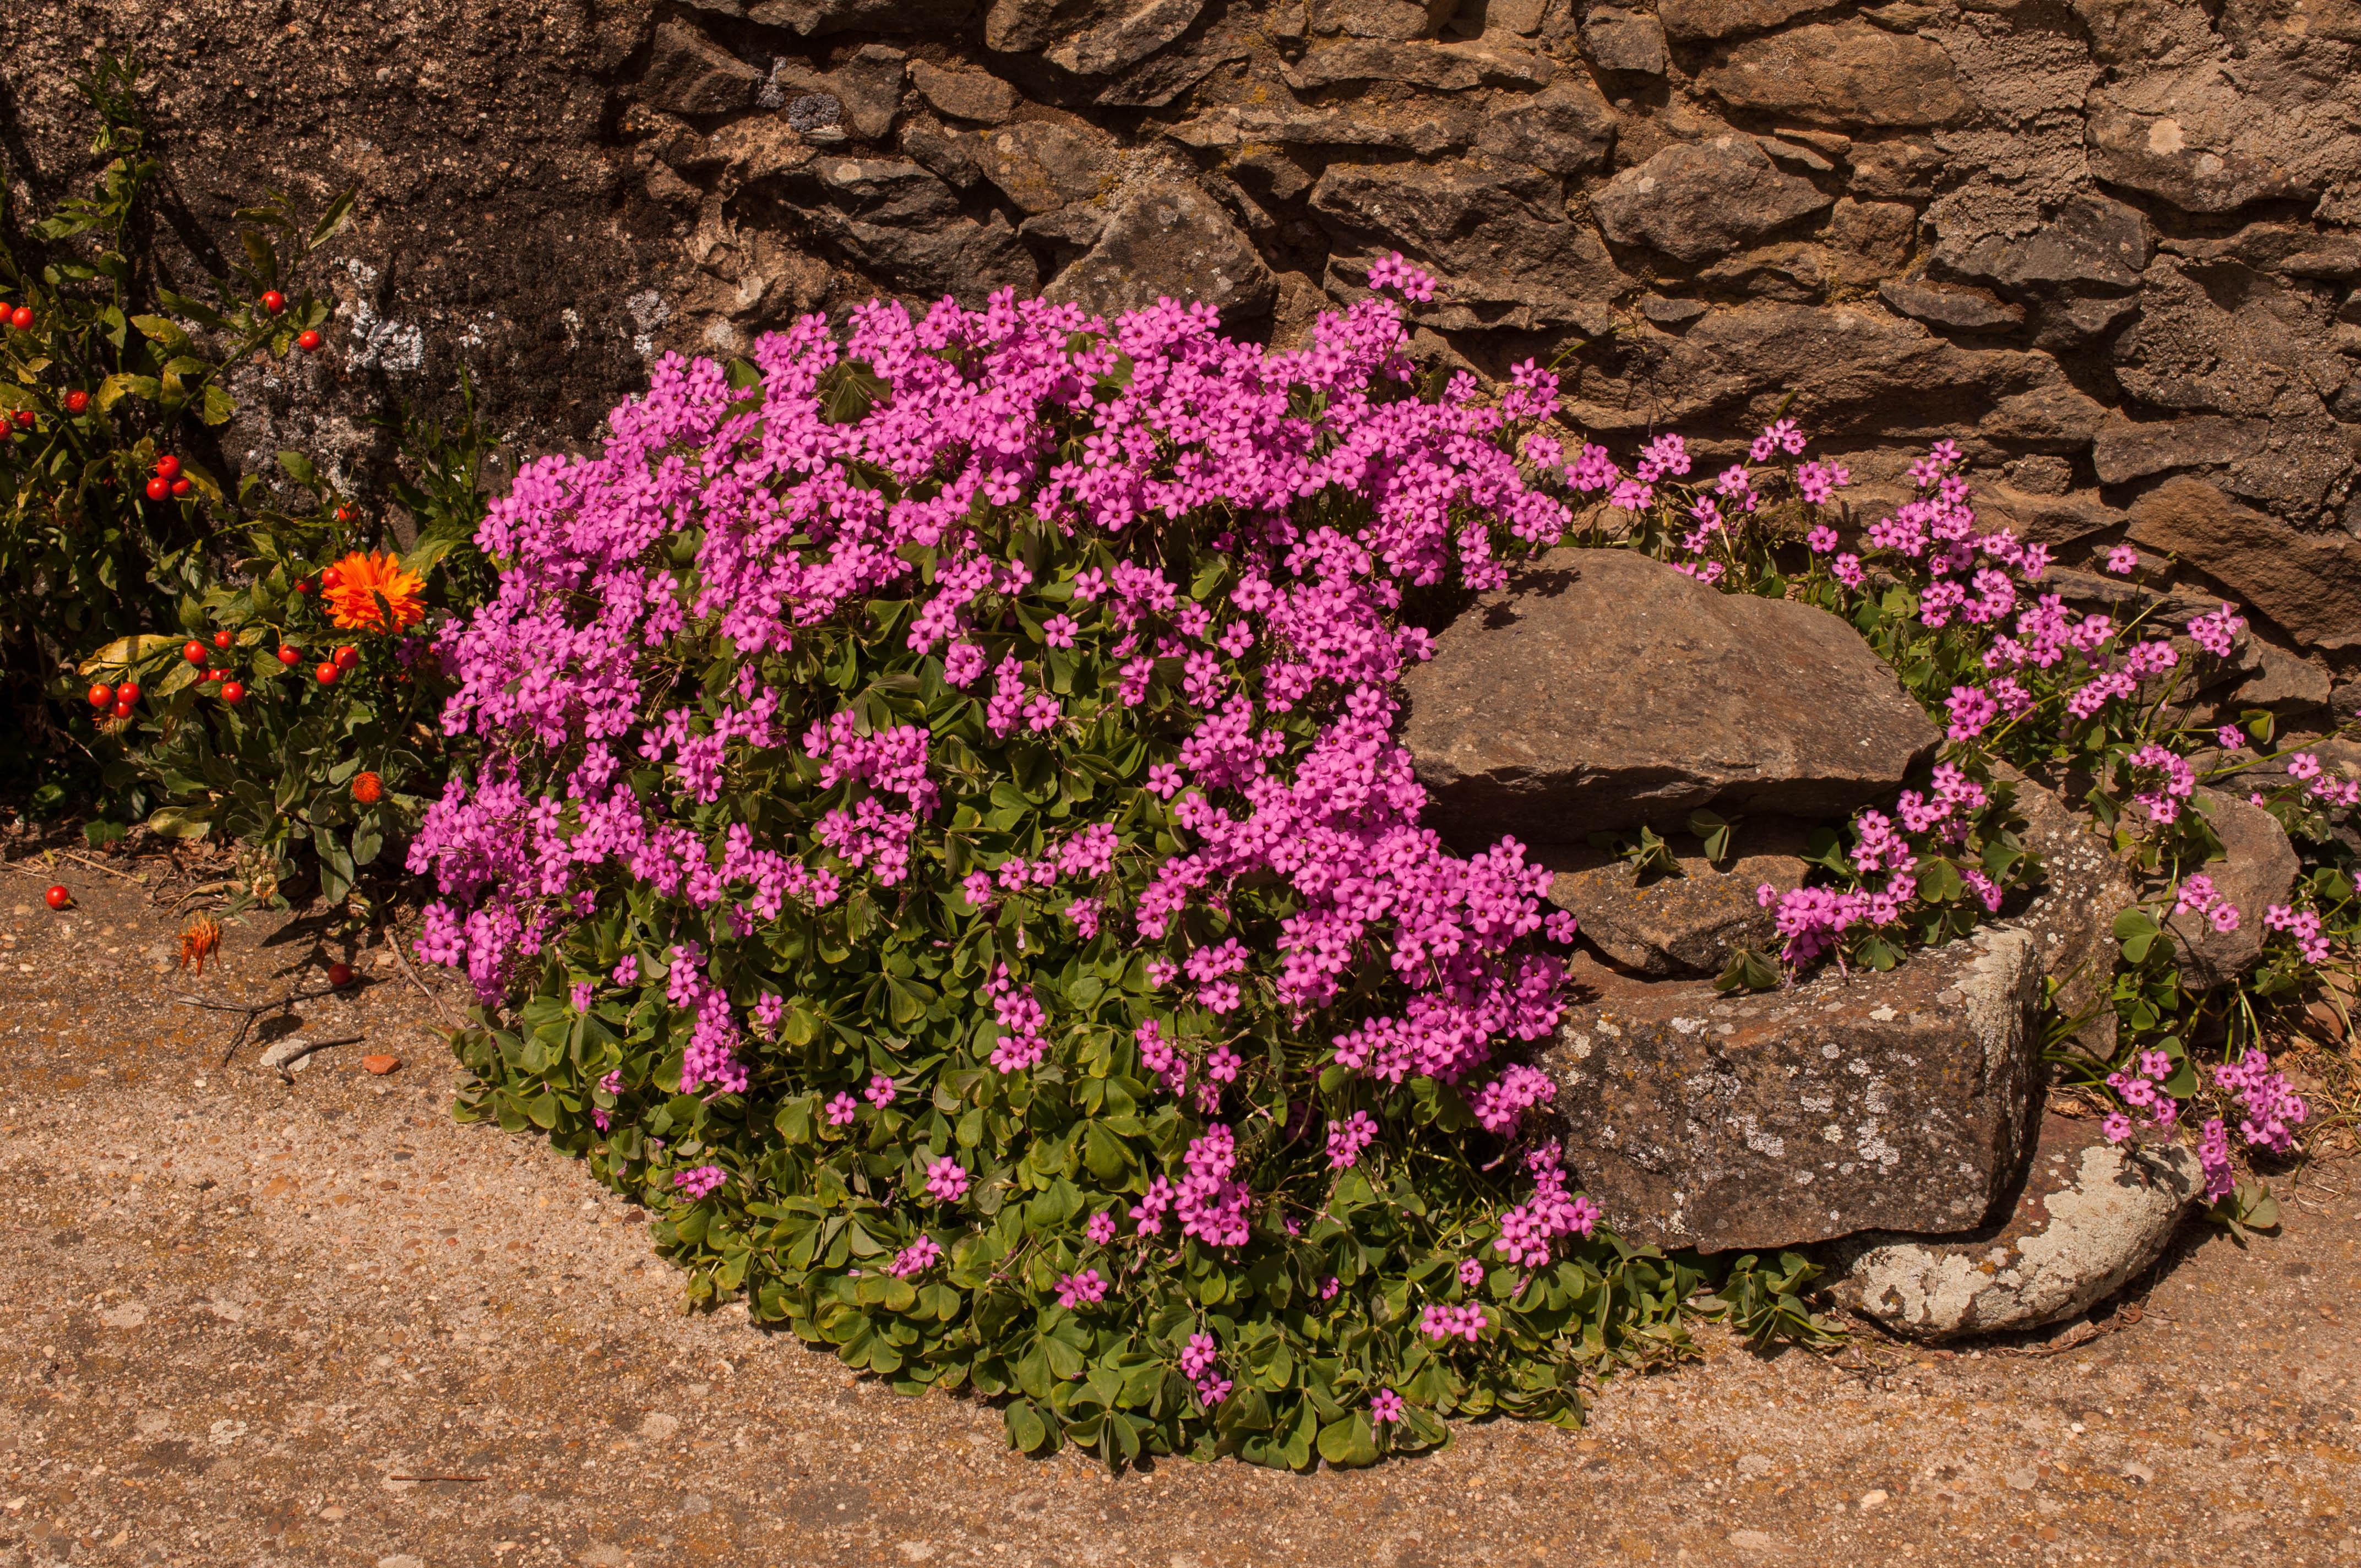 Oxalis articulata Las Obreras de Aliste CB Artesanos de la Miel Aliste Gallegos del Campo Artesanos de la Miel